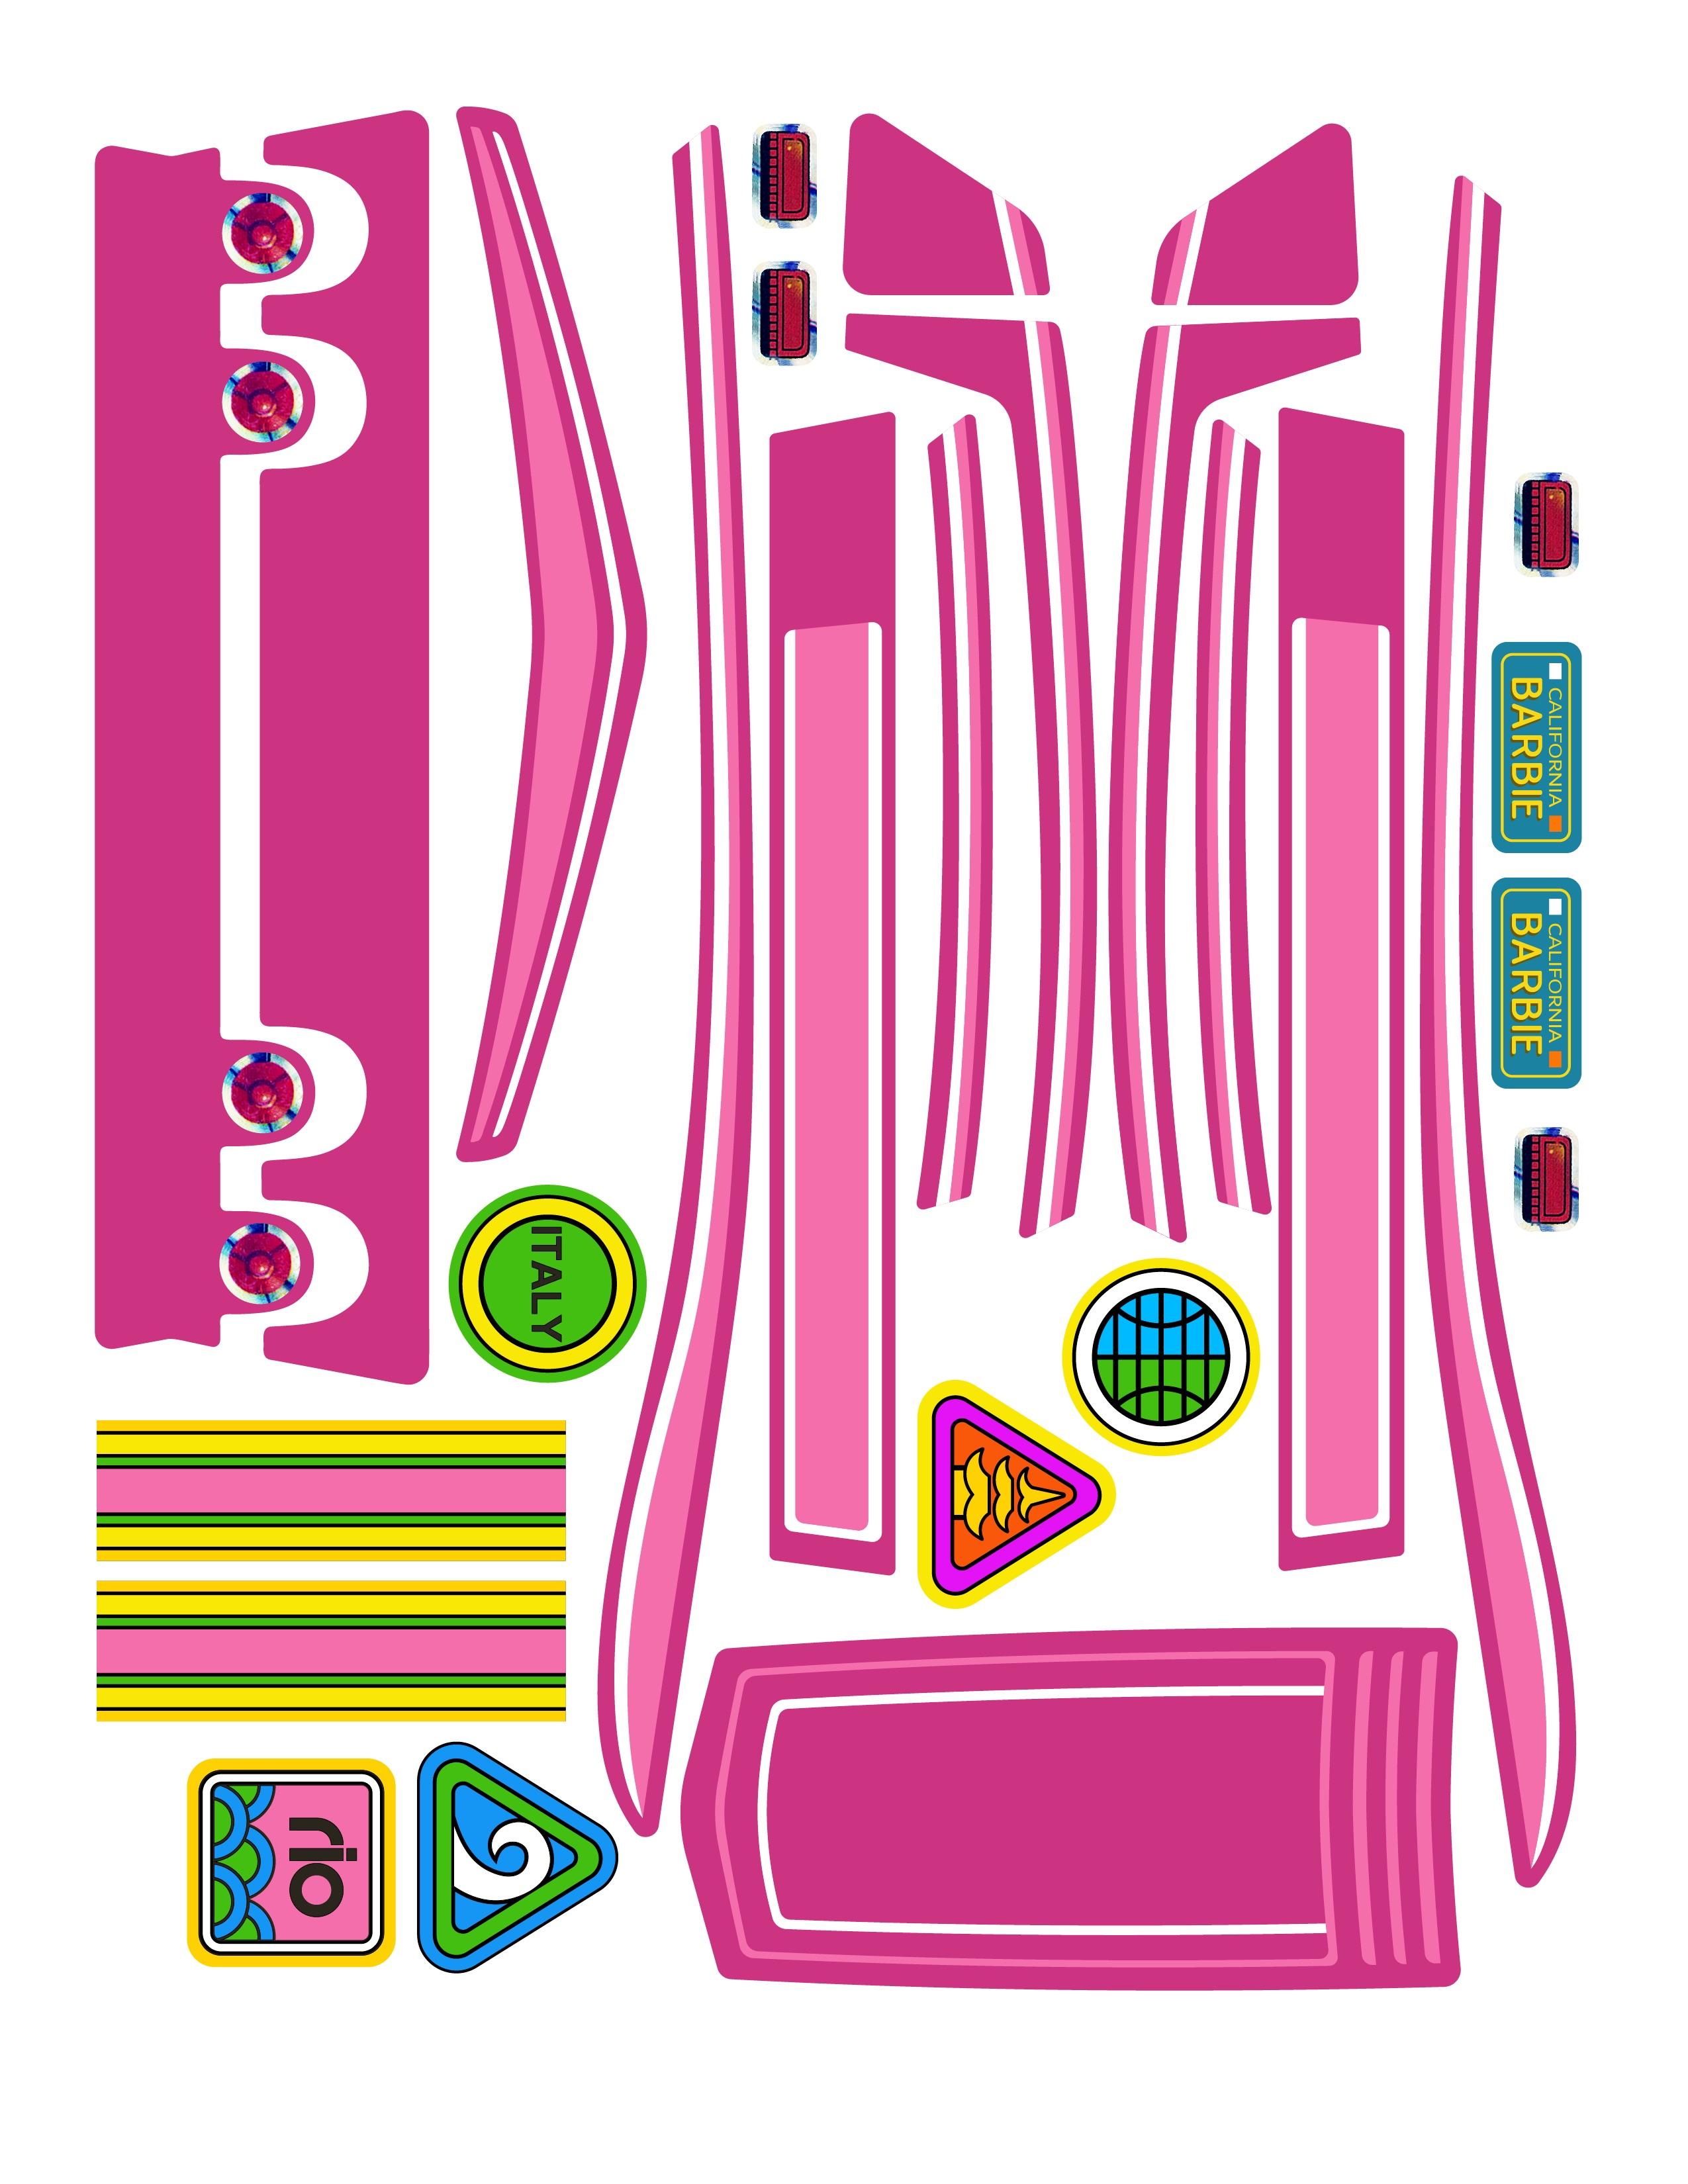 DEF4A8BD-B3A5-4BFF-9AE9-1CC2FB88ABDD.jpeg